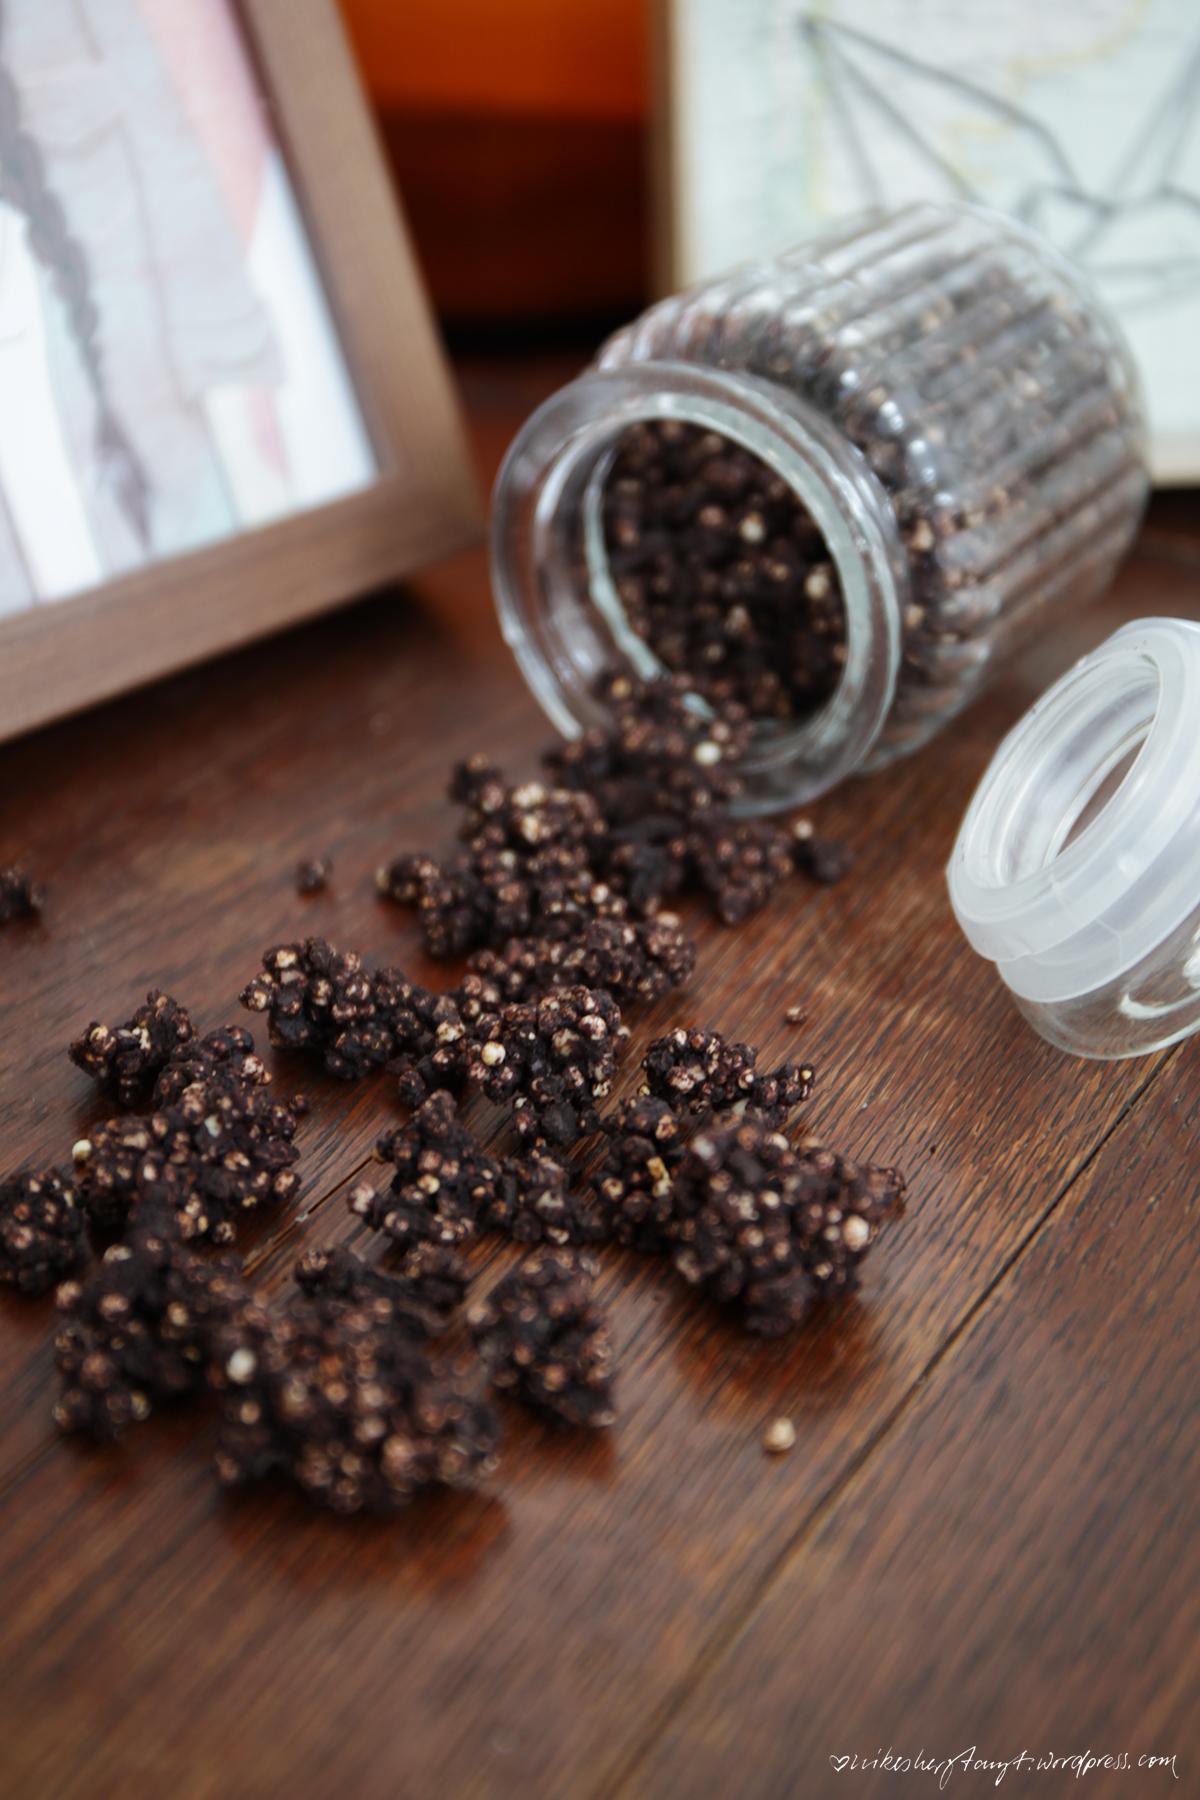 amaranth-quinoa-schoko-crunch,schoko crossies für erwachsene, amaranth, quinoa, kakaobutter, mandeln, crunch, nikesherztanzt